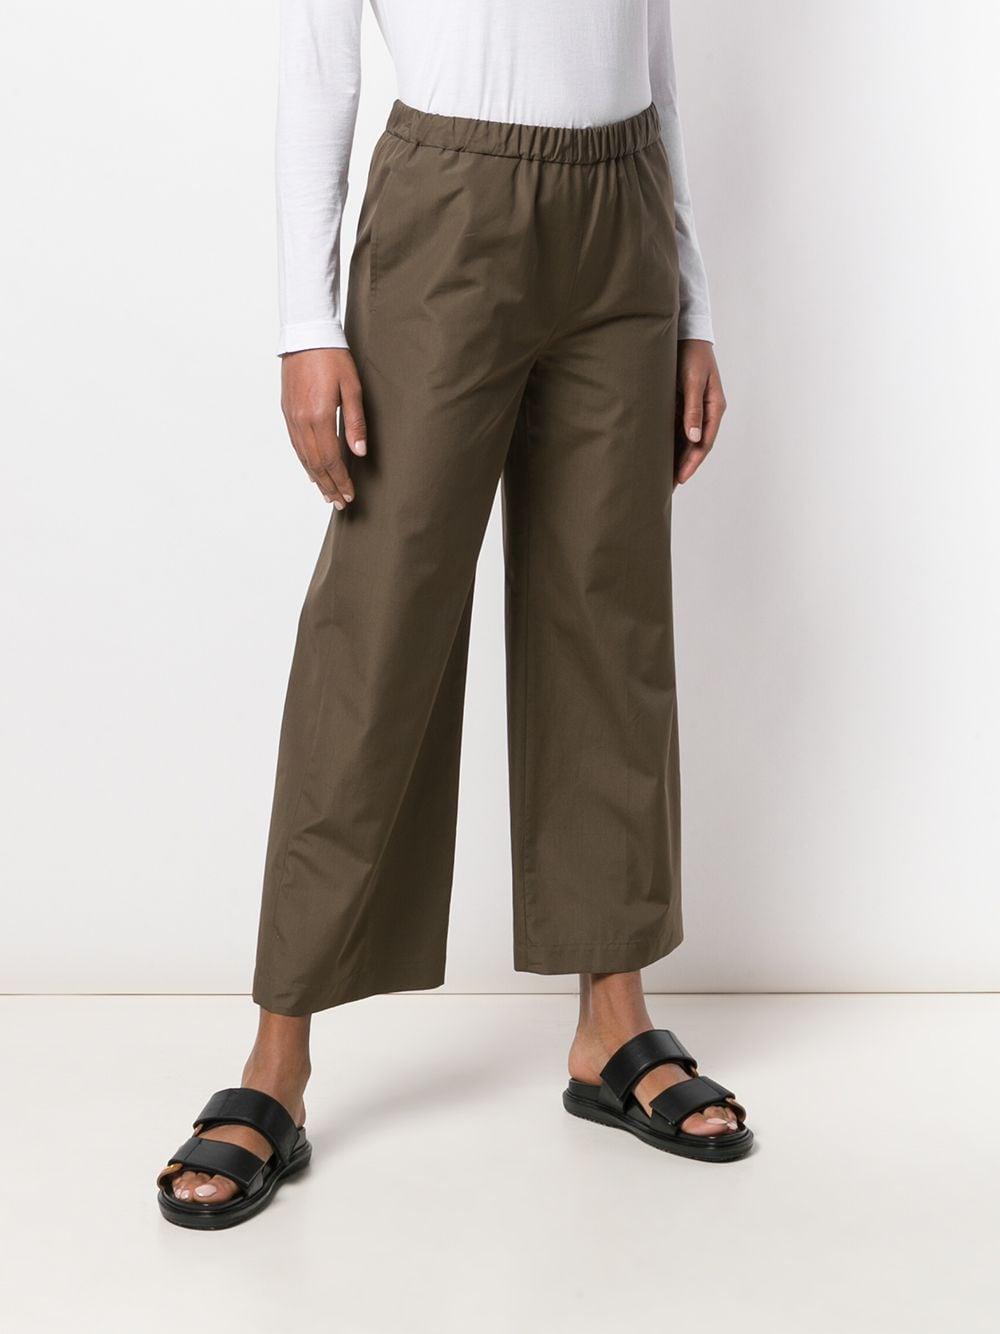 Pantaloni larghi in cotone verde scuro con vita elasticizzata ASPESI | Pantaloni | H128-D30785237